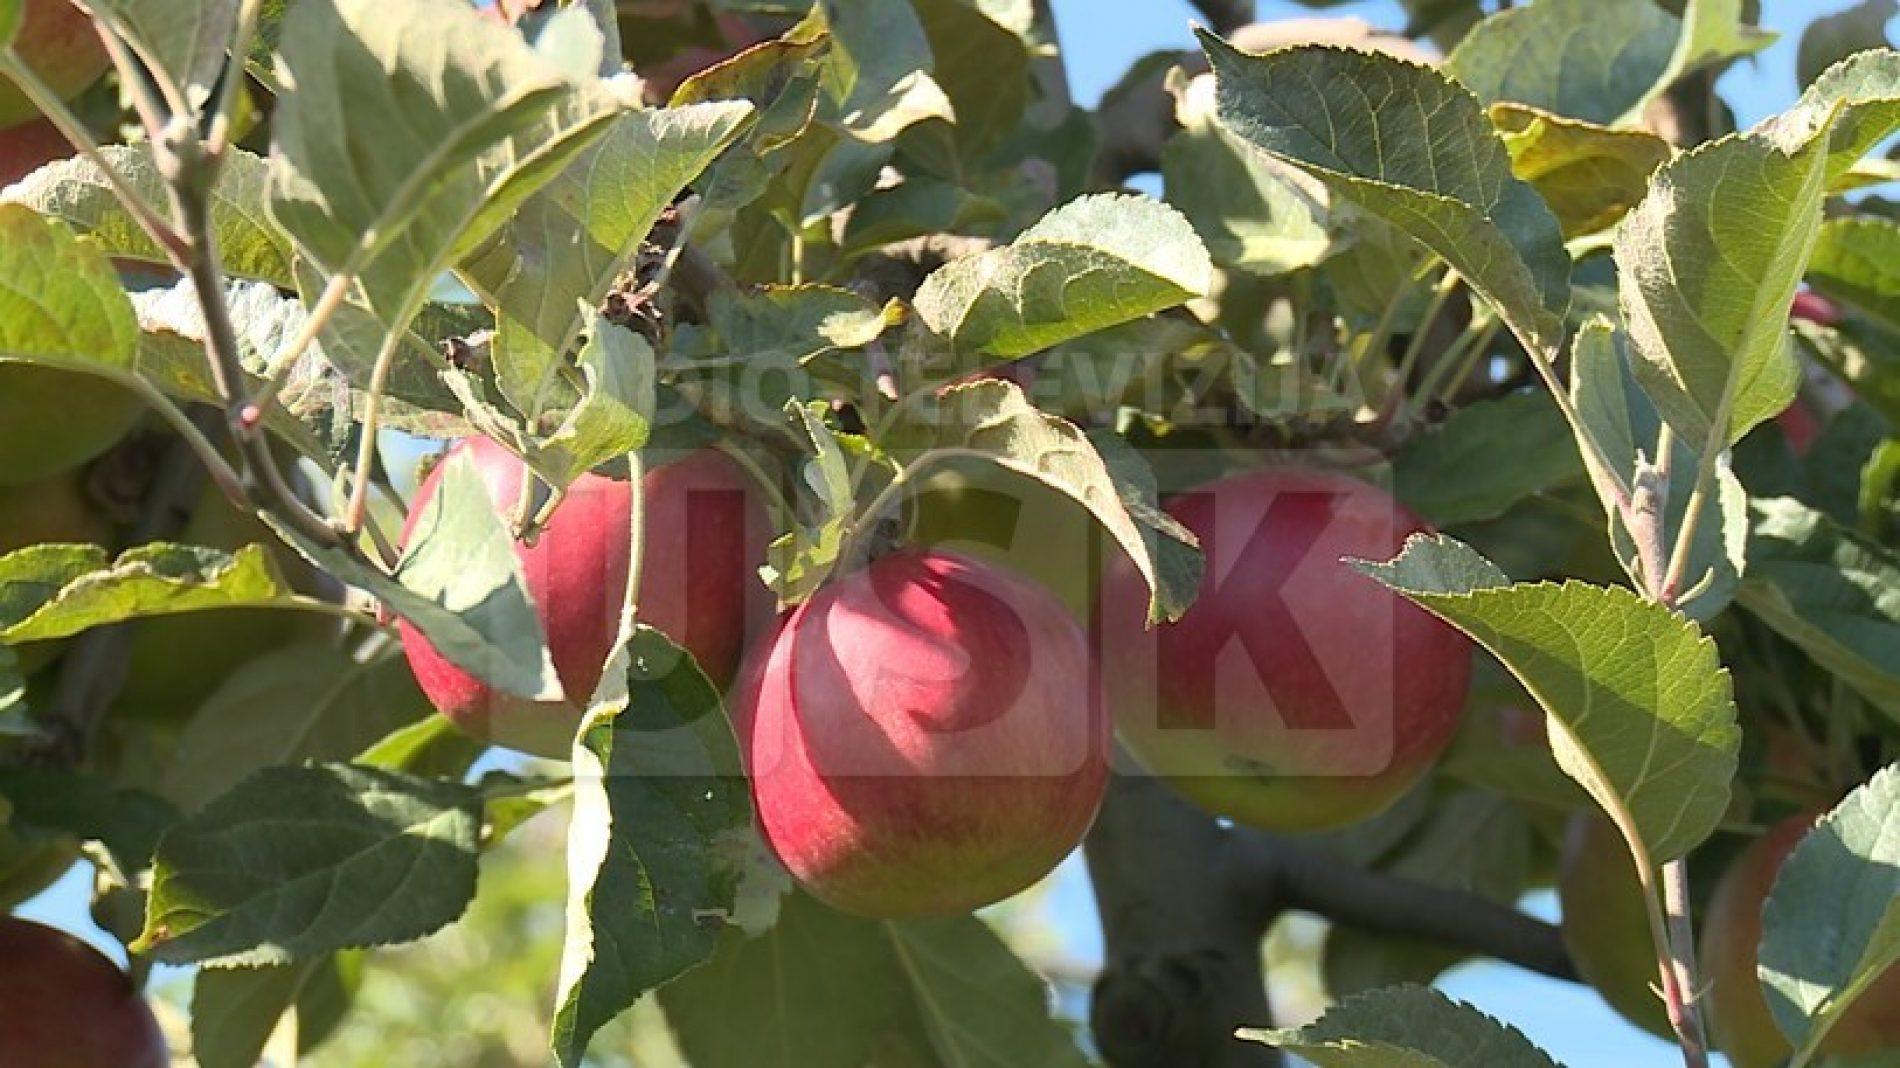 Bosna i Hercegovina za pola mjeseca u Rusiju izvezla 300 tona jabuka